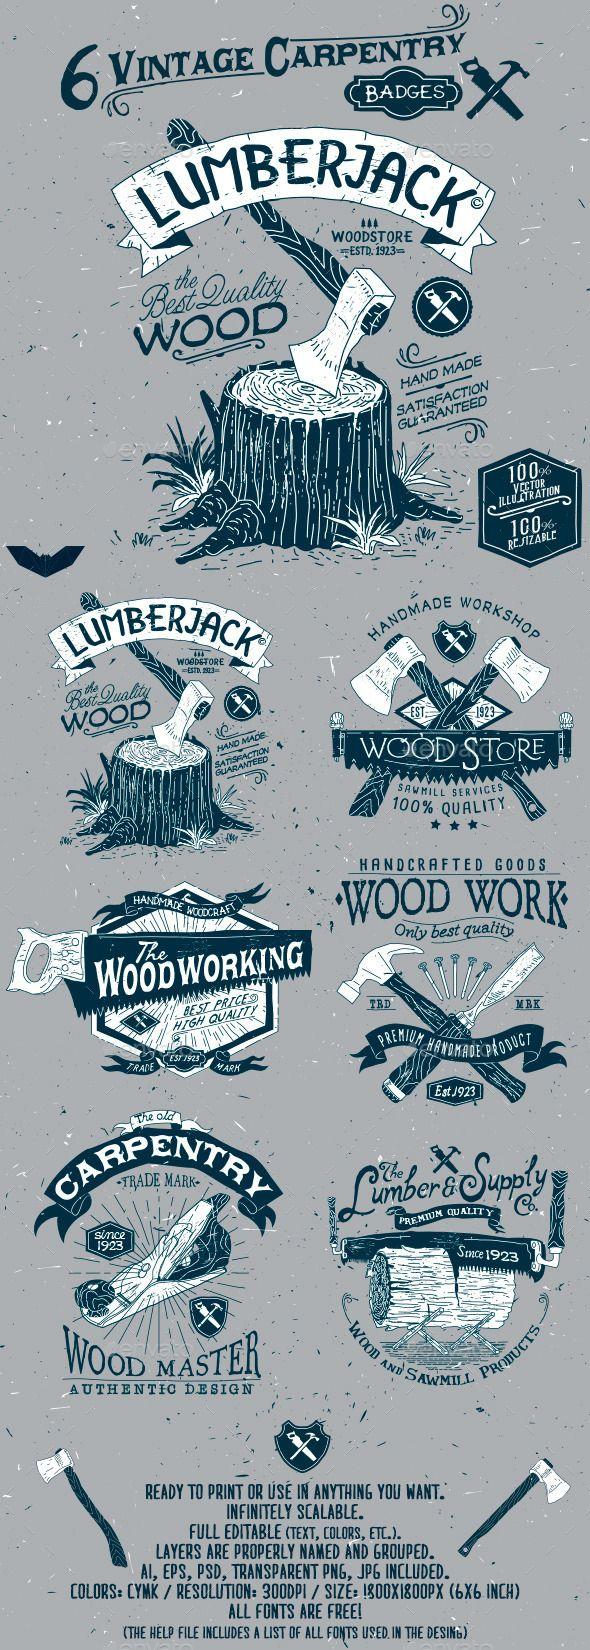 6 Vintage Carpentry Badges #design Download: http://graphicriver.net/item/6-vintage-carpentry-badges/11886637?ref=ksioks